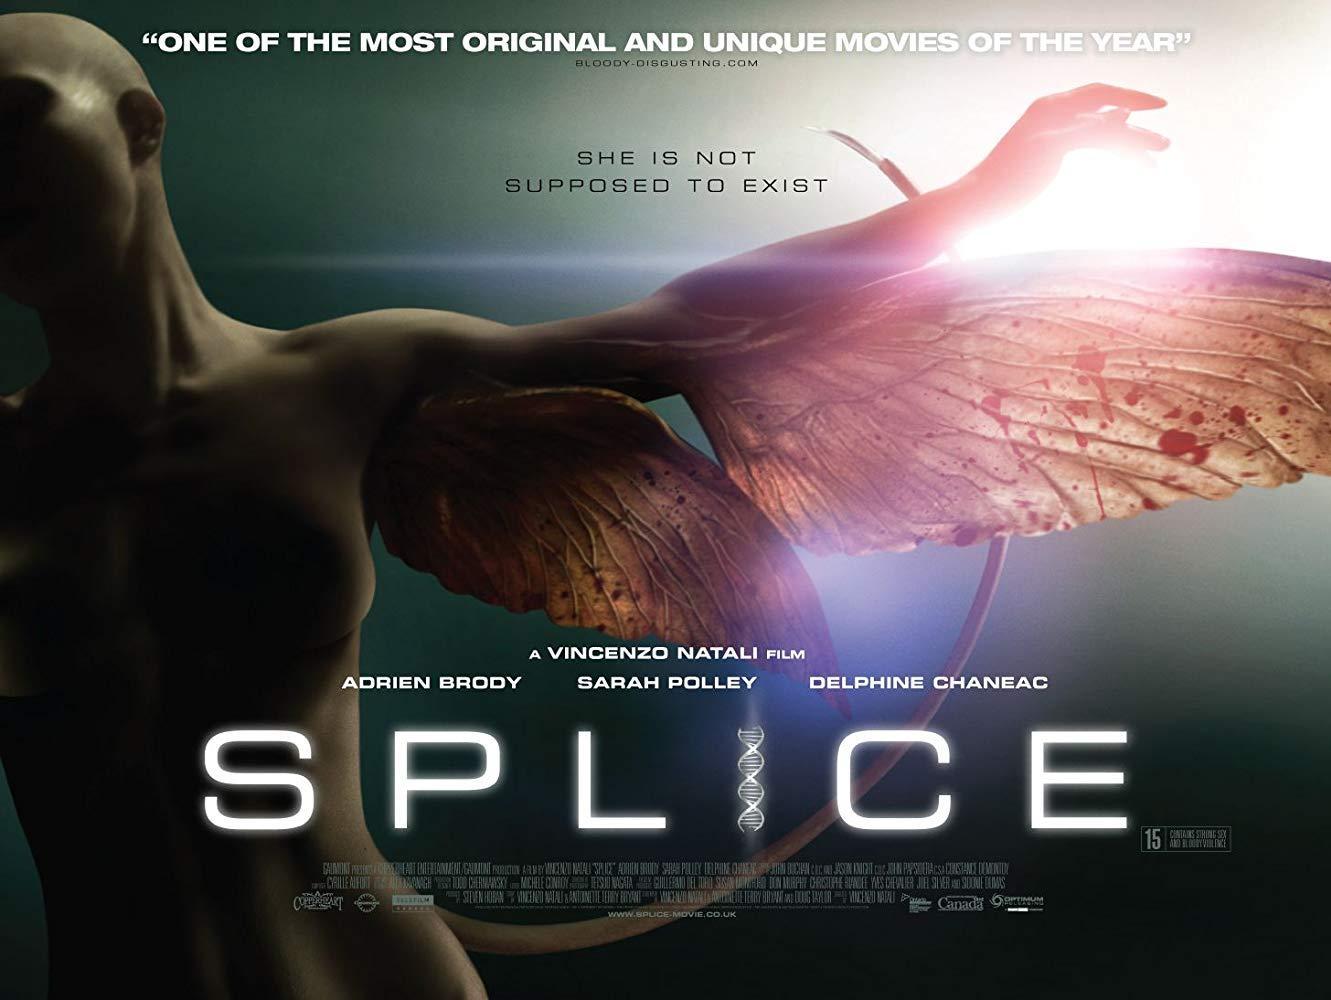 مشاهدة فيلم Splice 2009 HD مترجم كامل اون لاين